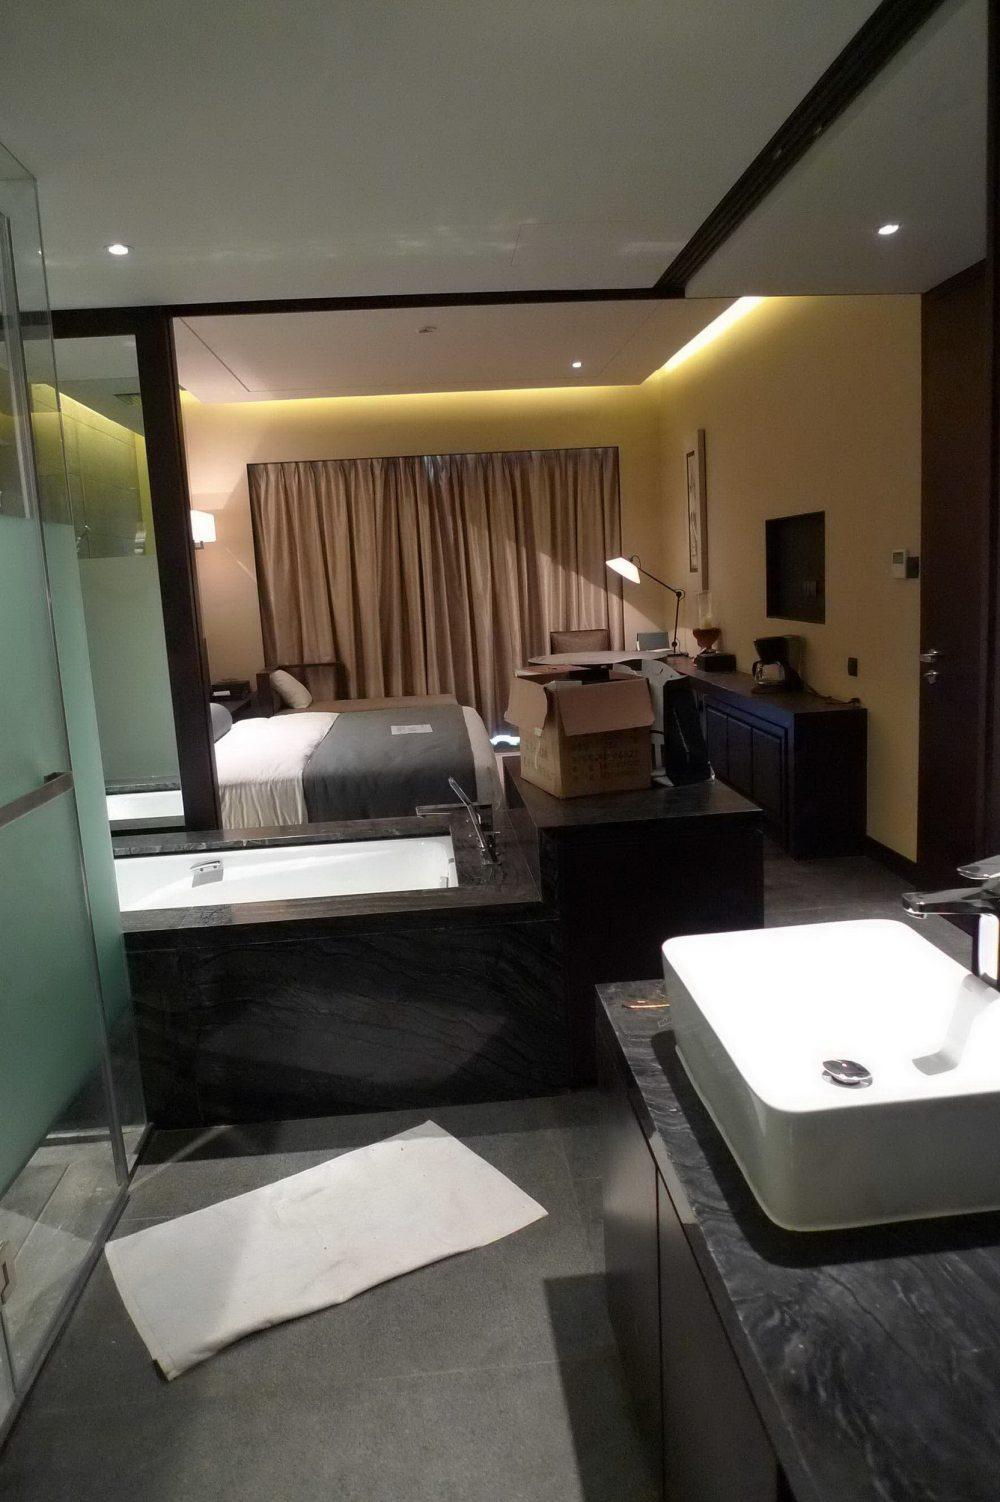 云南丽江铂尔曼渡假酒店(Lijiang Pullman Hotel)(CCD)(第8页更新)_P1010697.jpg